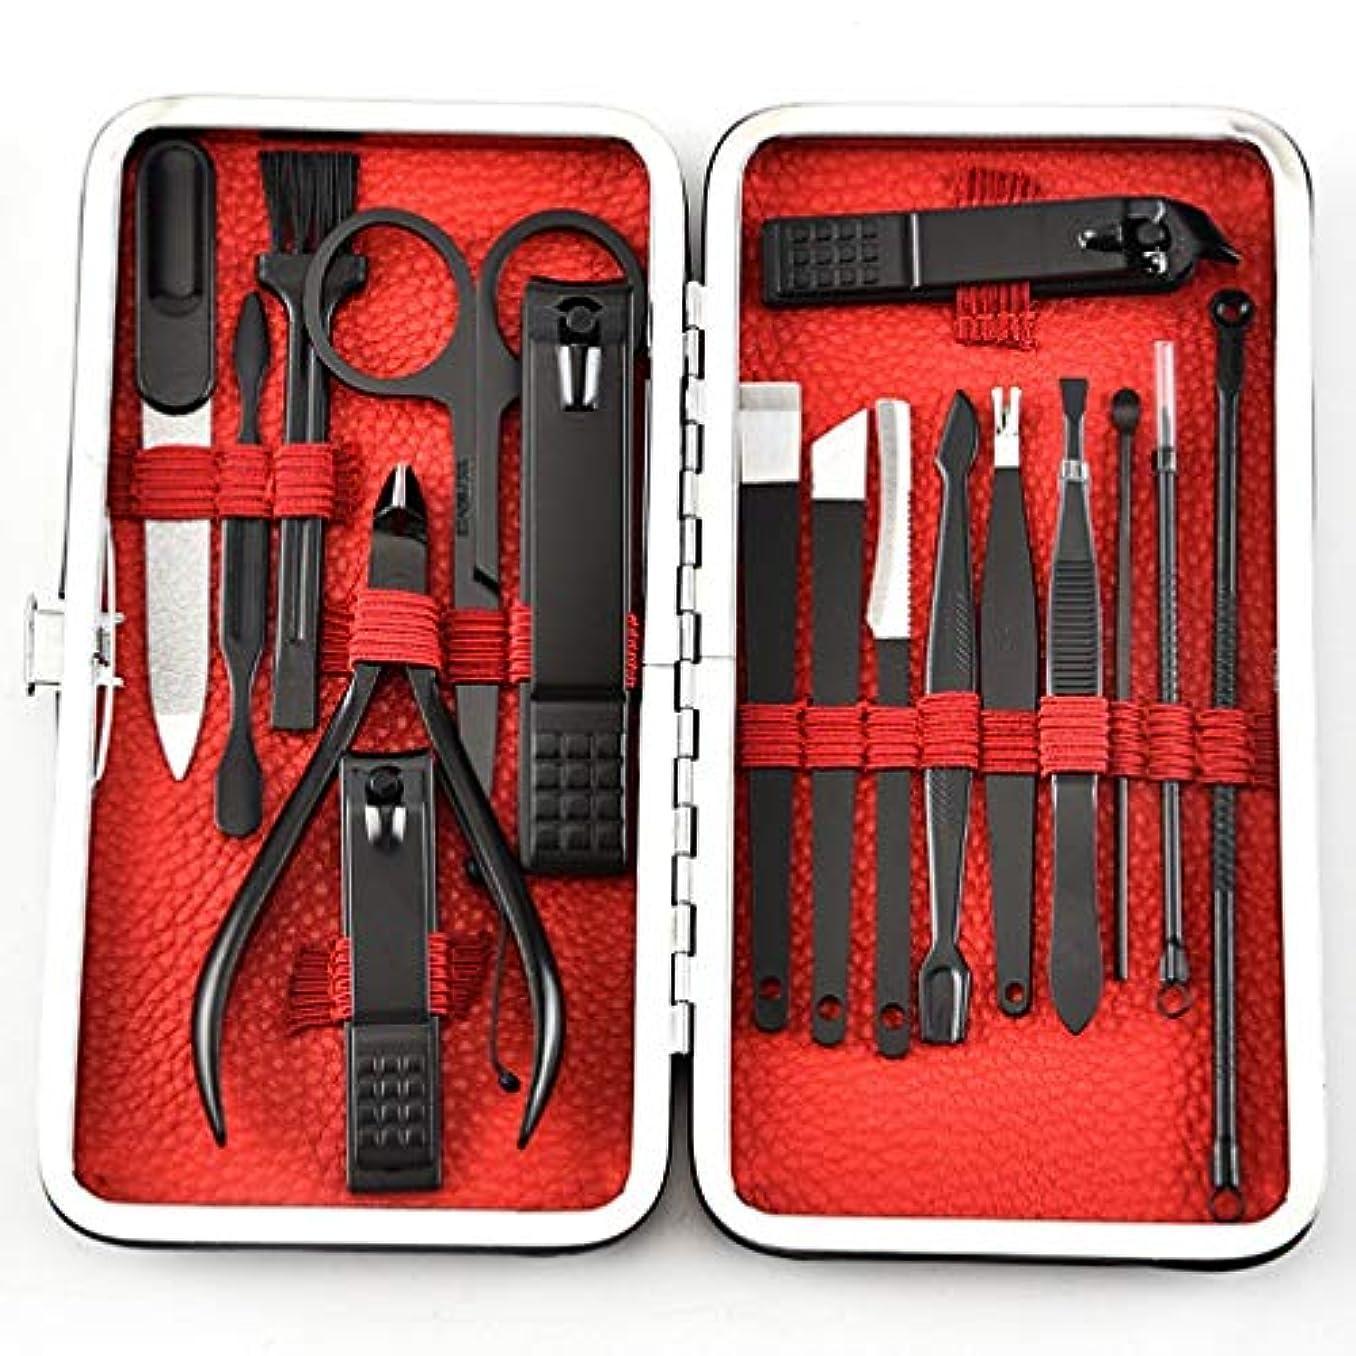 衝撃品種肥料17pcsマニキュアペディキュアセット、ステンレス鋼ネイルケアカッターキューティクルリムーバーネイルクリッパーペディキュアツールキット,Red